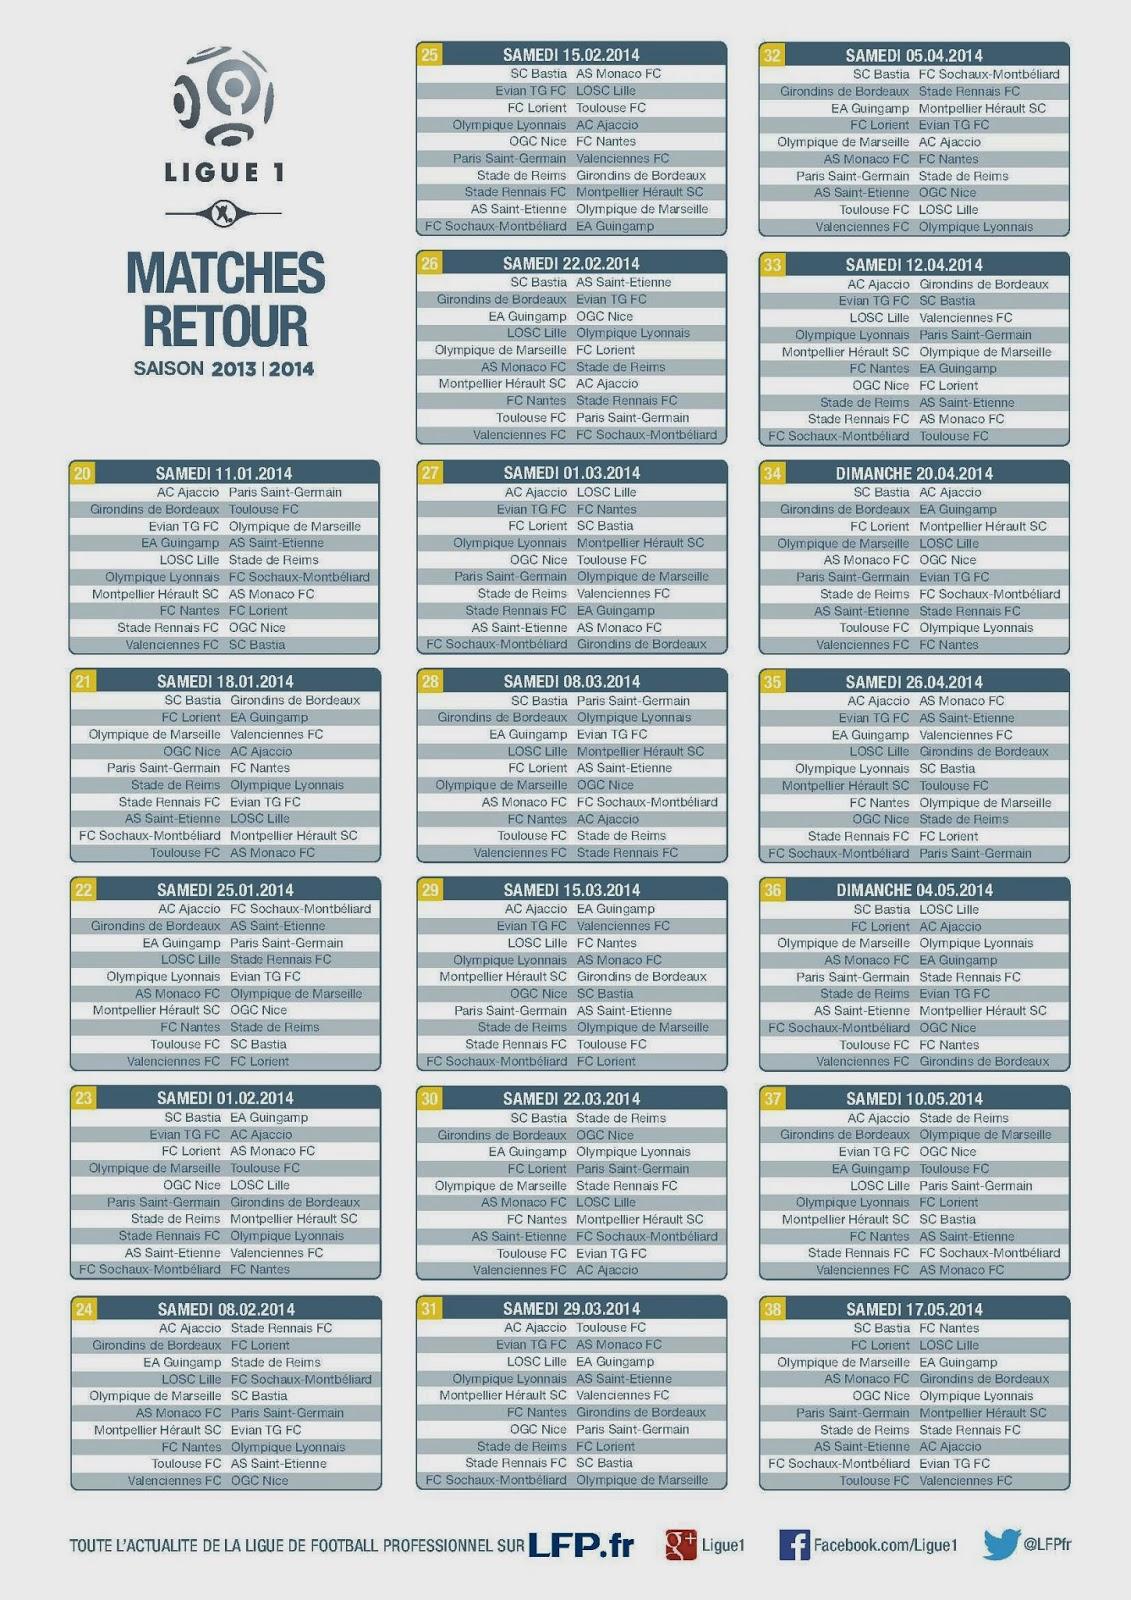 Crypt8 ts file csa jadwal lengkap liga perancis ligue 1 for Division 2 table 98 99